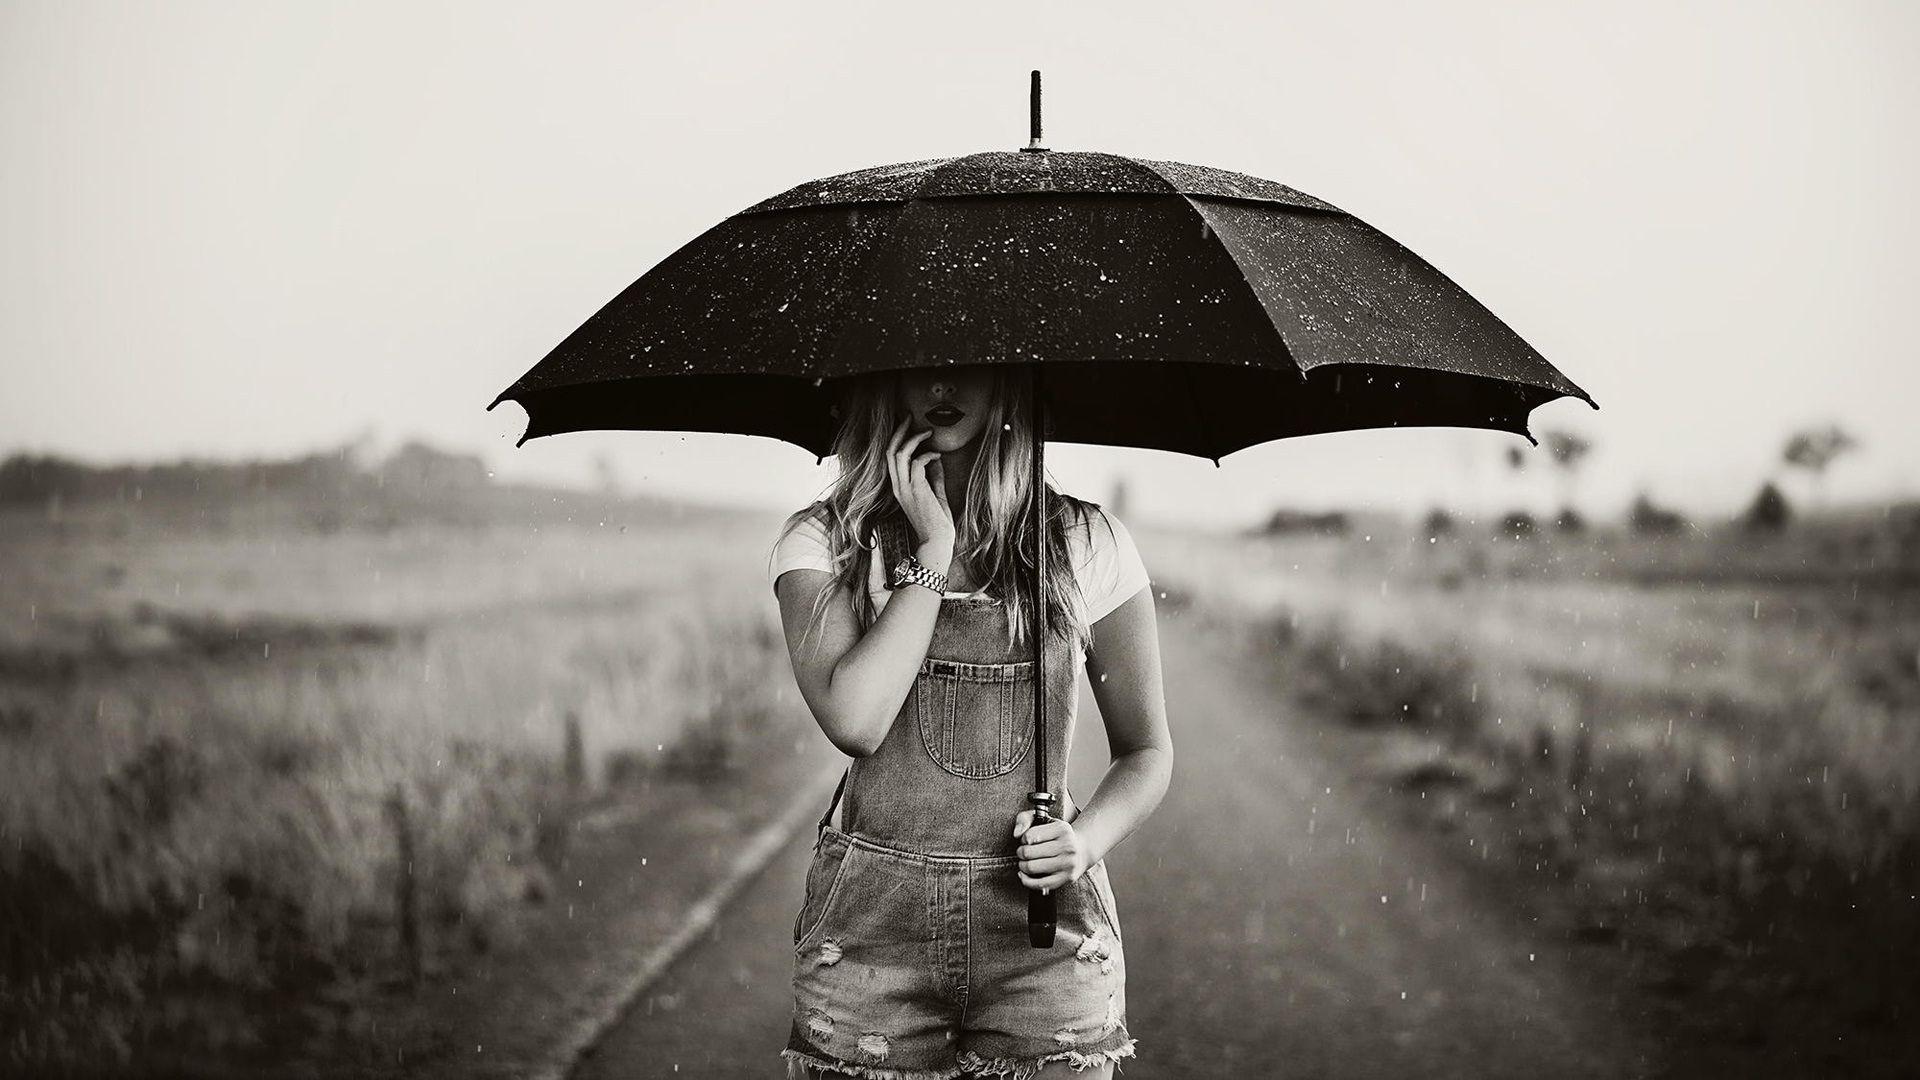 sad rain wallpaper,umbrella,photograph,white,black,black and white